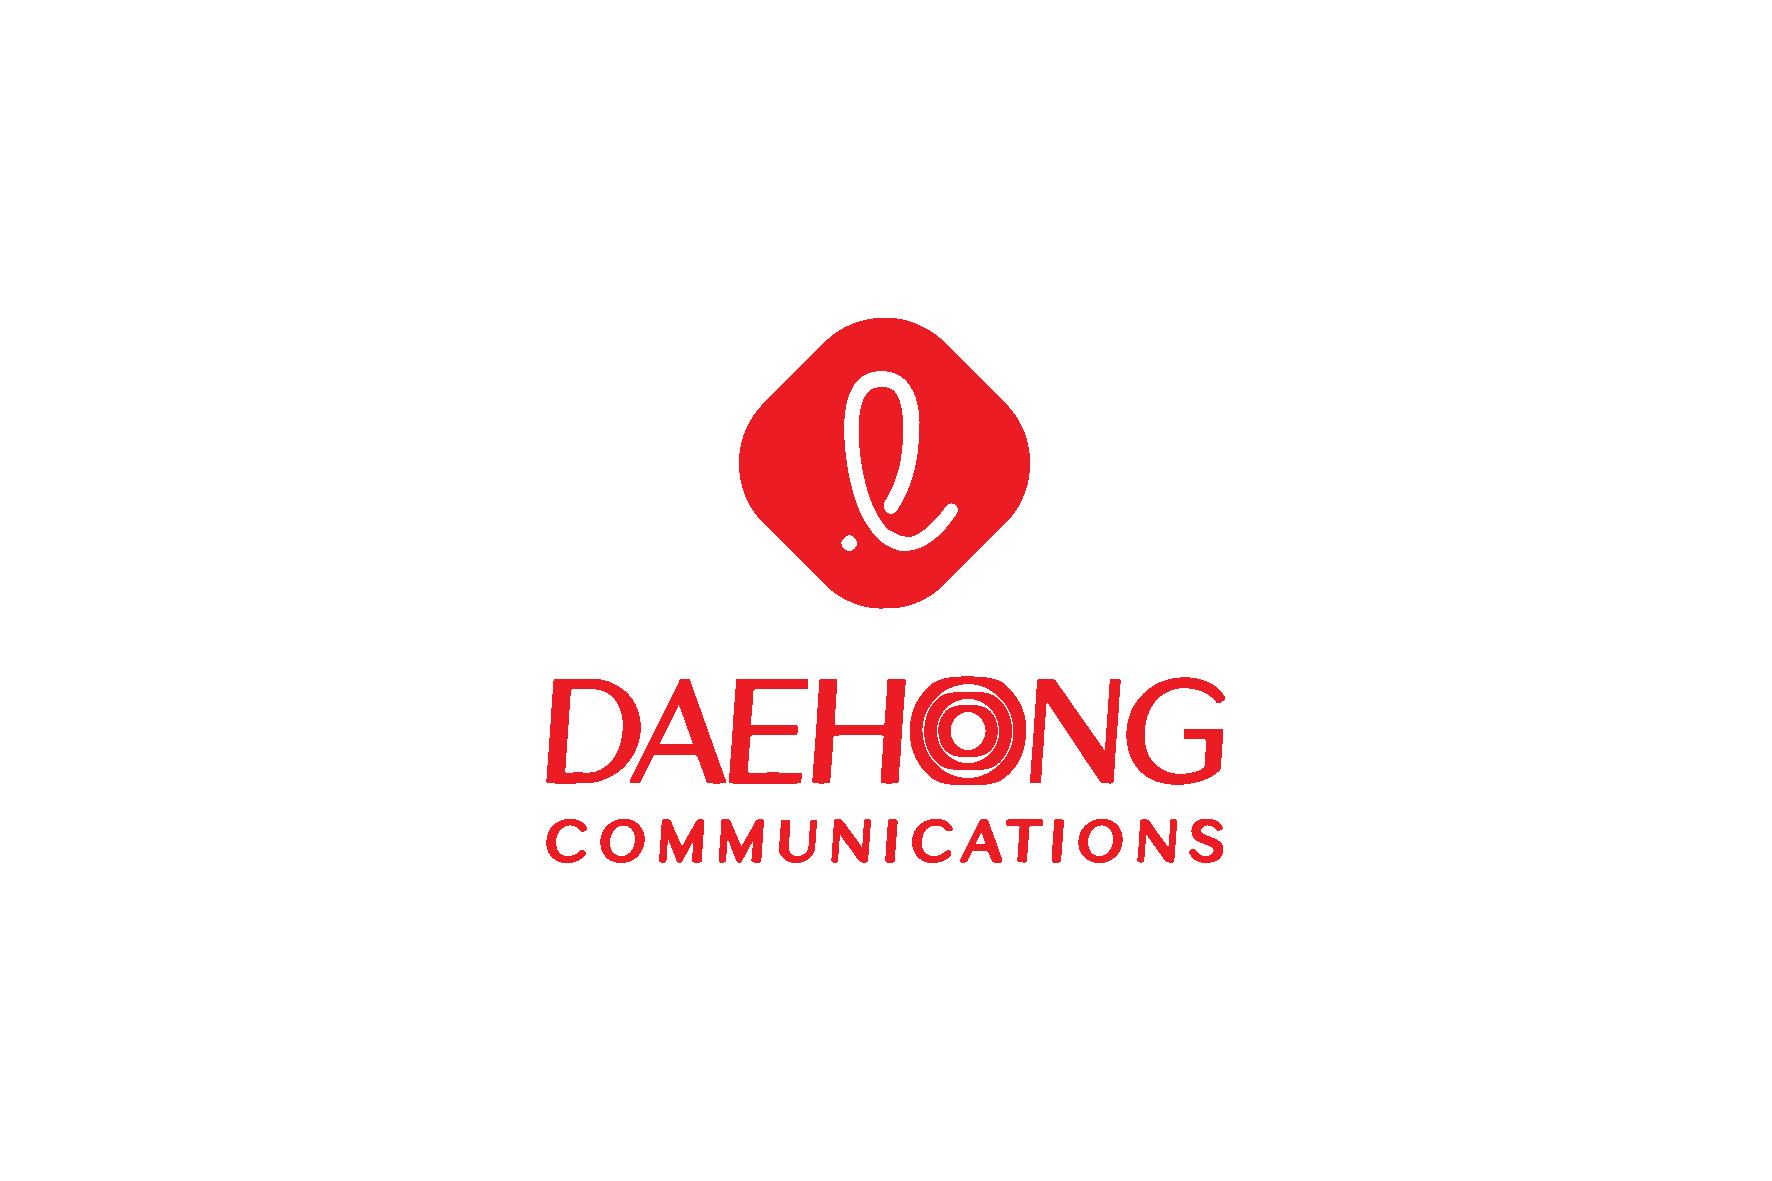 Daehong Communications